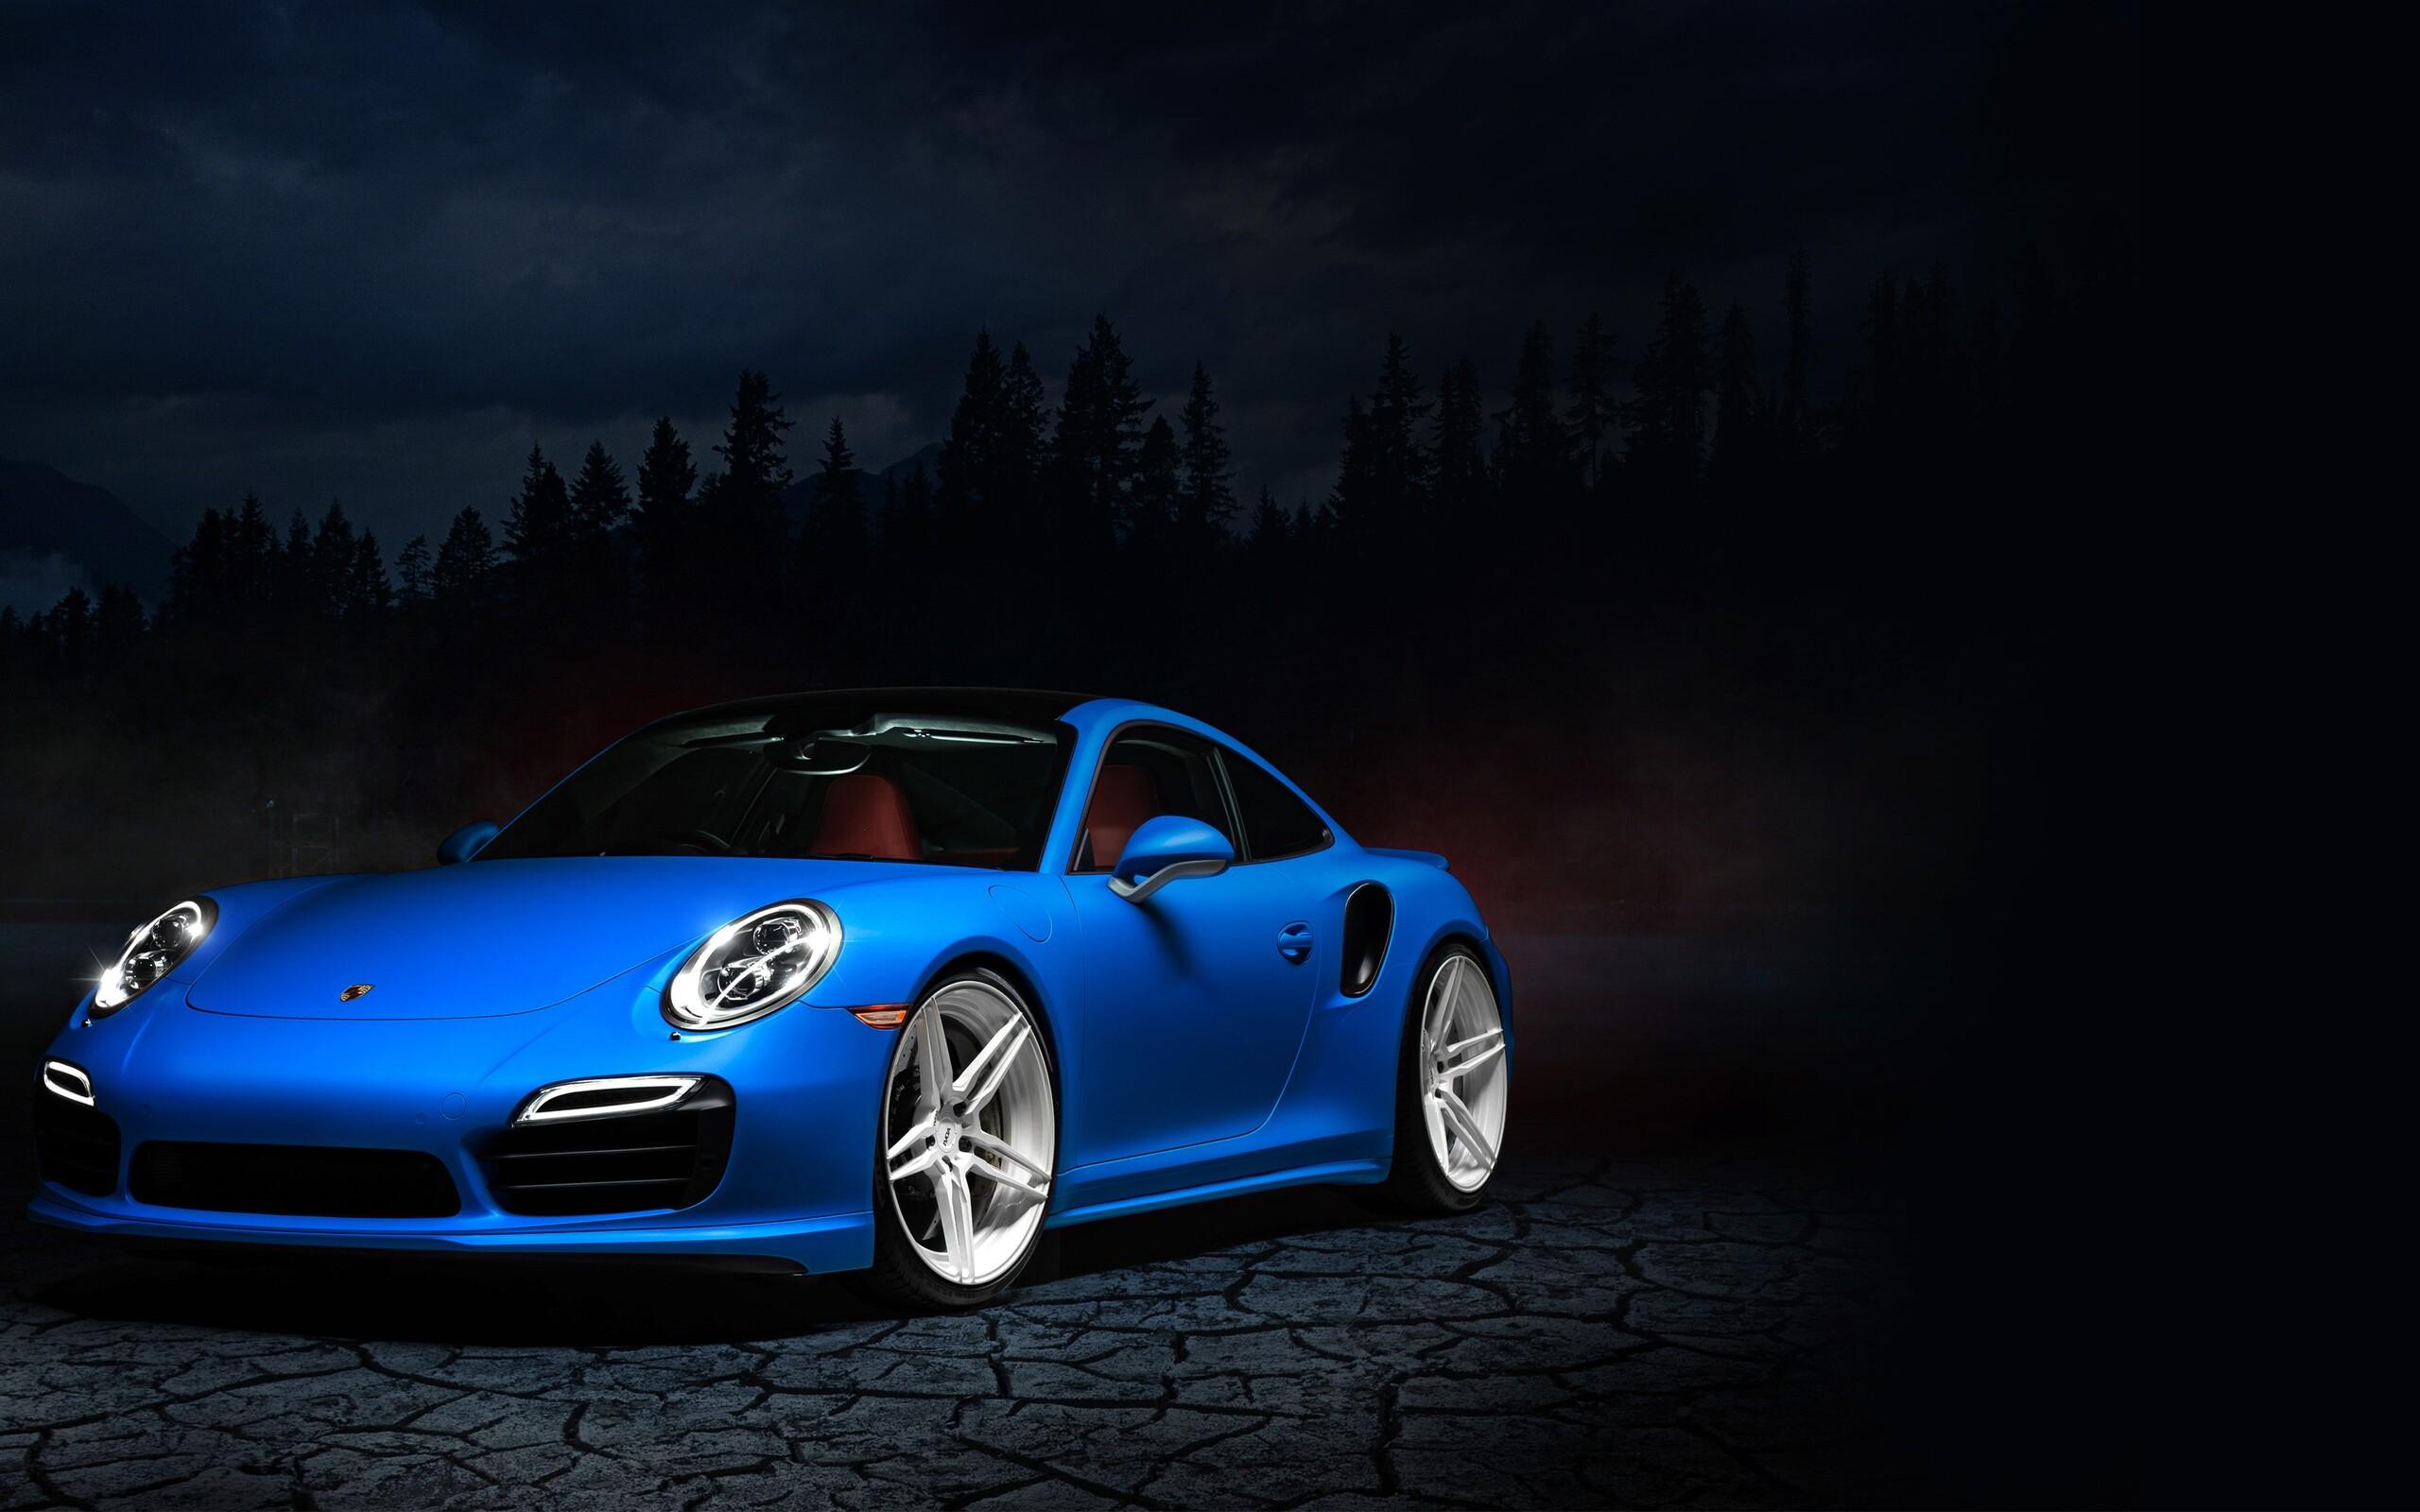 2560x1600 Porsche 991 2560x1600 Resolution Hd 4k Wallpapers